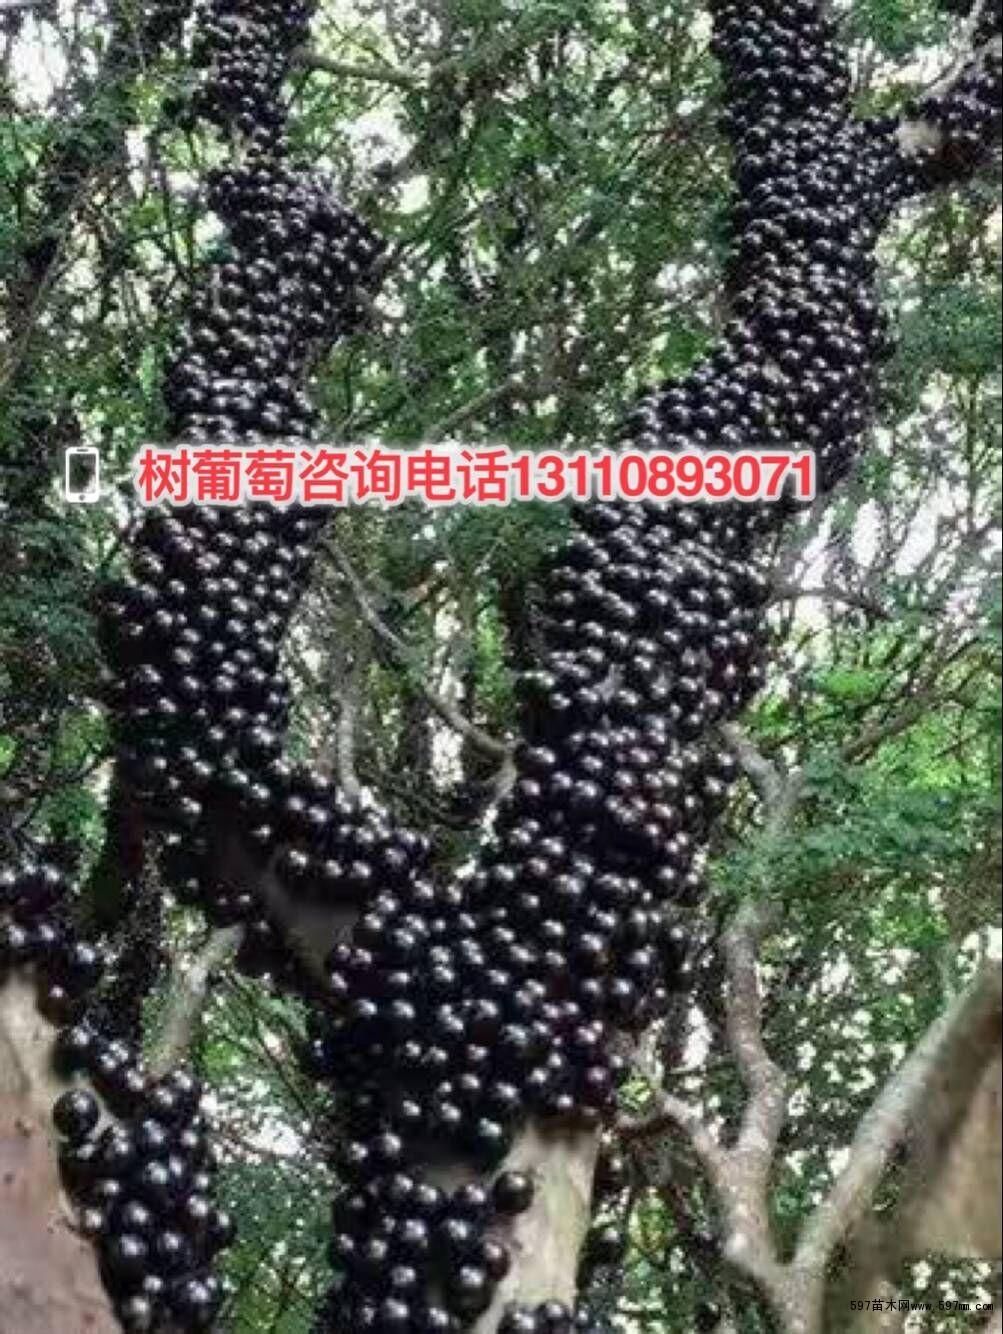 广东韶关3年树葡萄树苗价格 广东树葡萄多少钱一斤